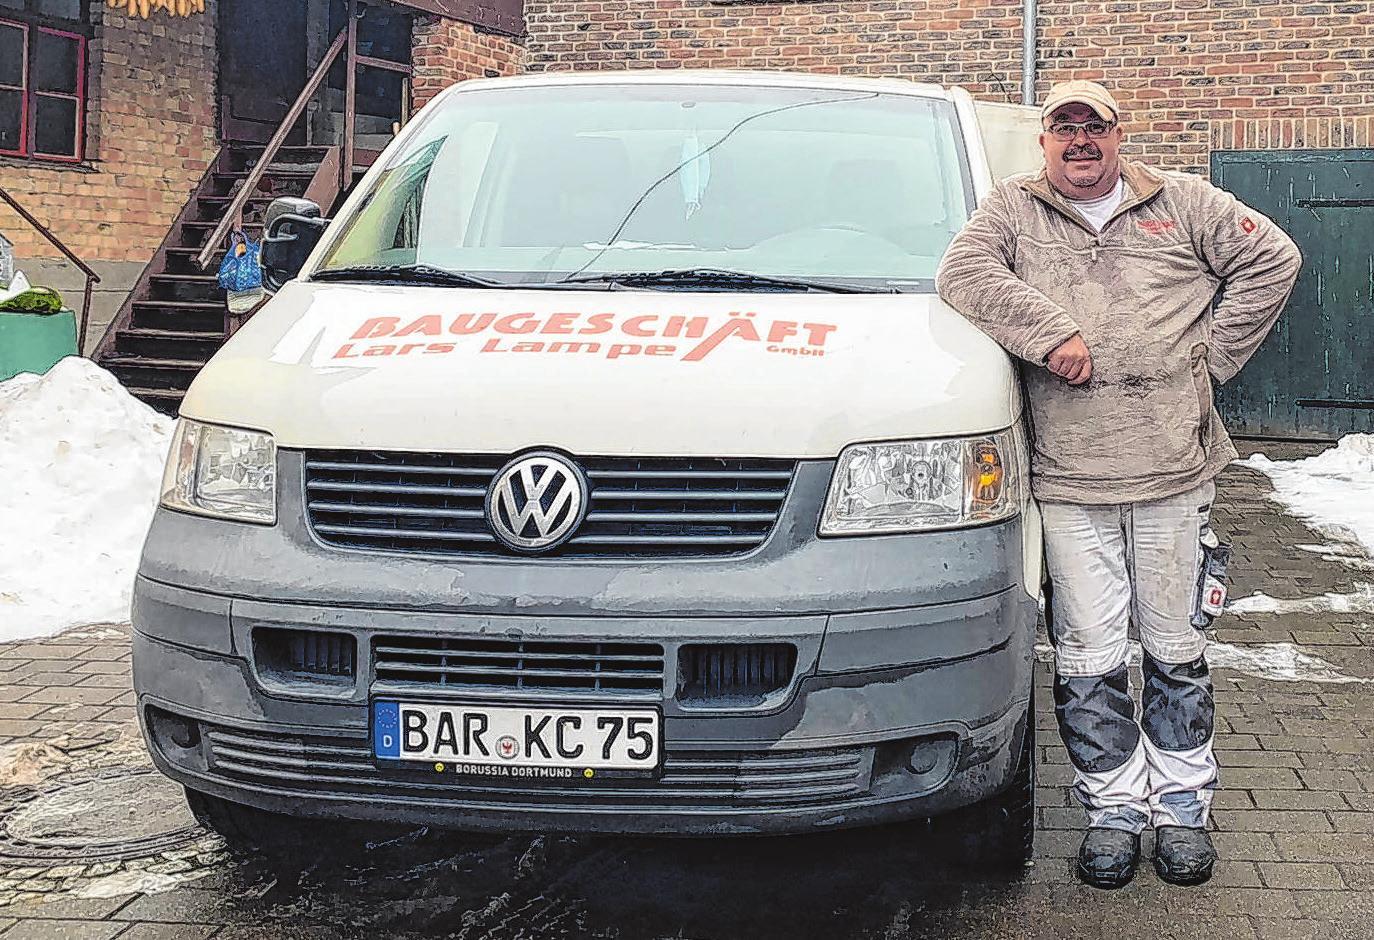 Lars Lampe steht als Maurermeister seinen Mann und leitet seit 20 Jahren sein gleichnamiges Baugeschäft. Foto: Heike Wähner